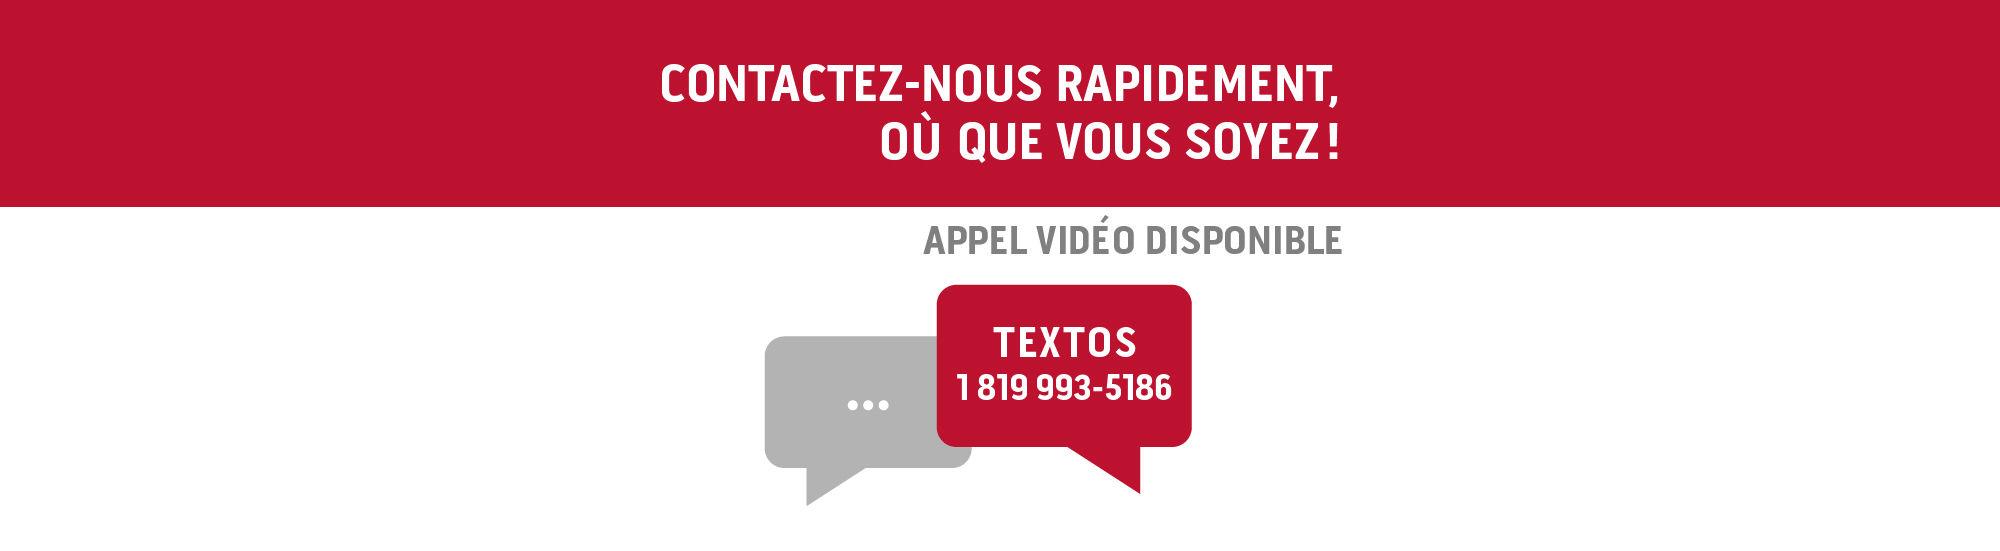 Contactez-nous par texto